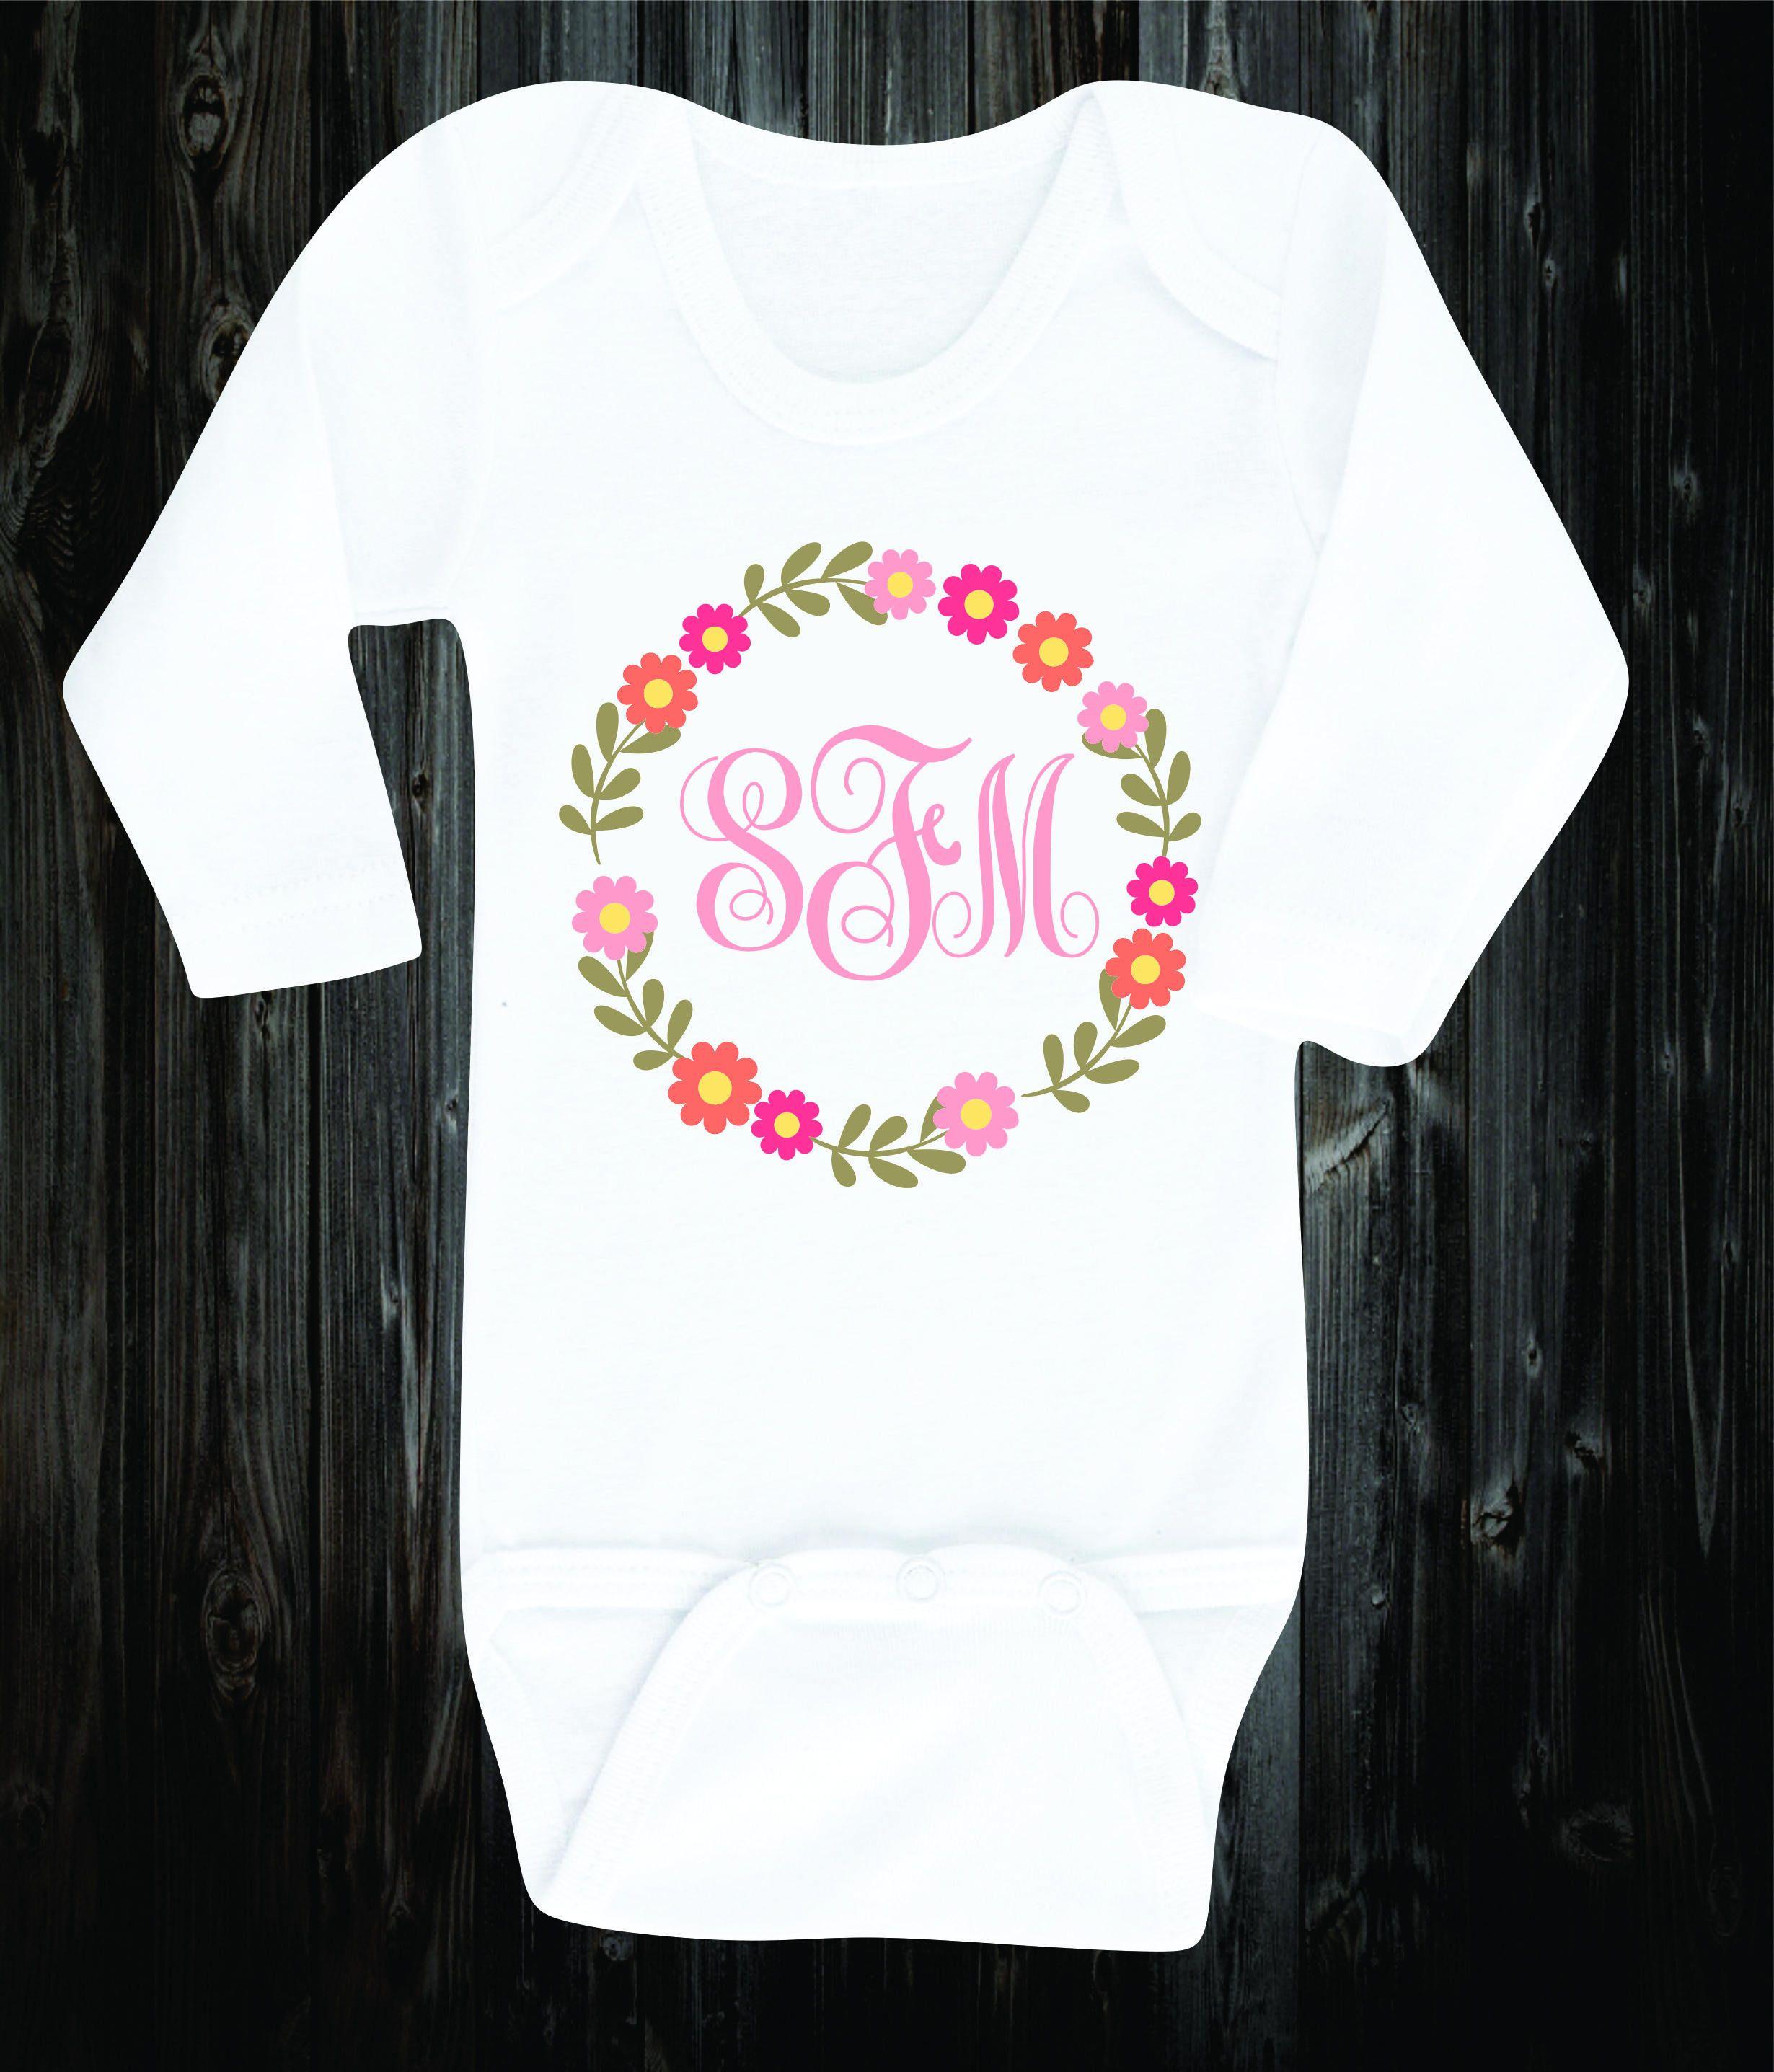 b28c1034c5eb6 Custom Monogram Baby Onesie Baby Girl Outfit Baby Shirt Personalized ...